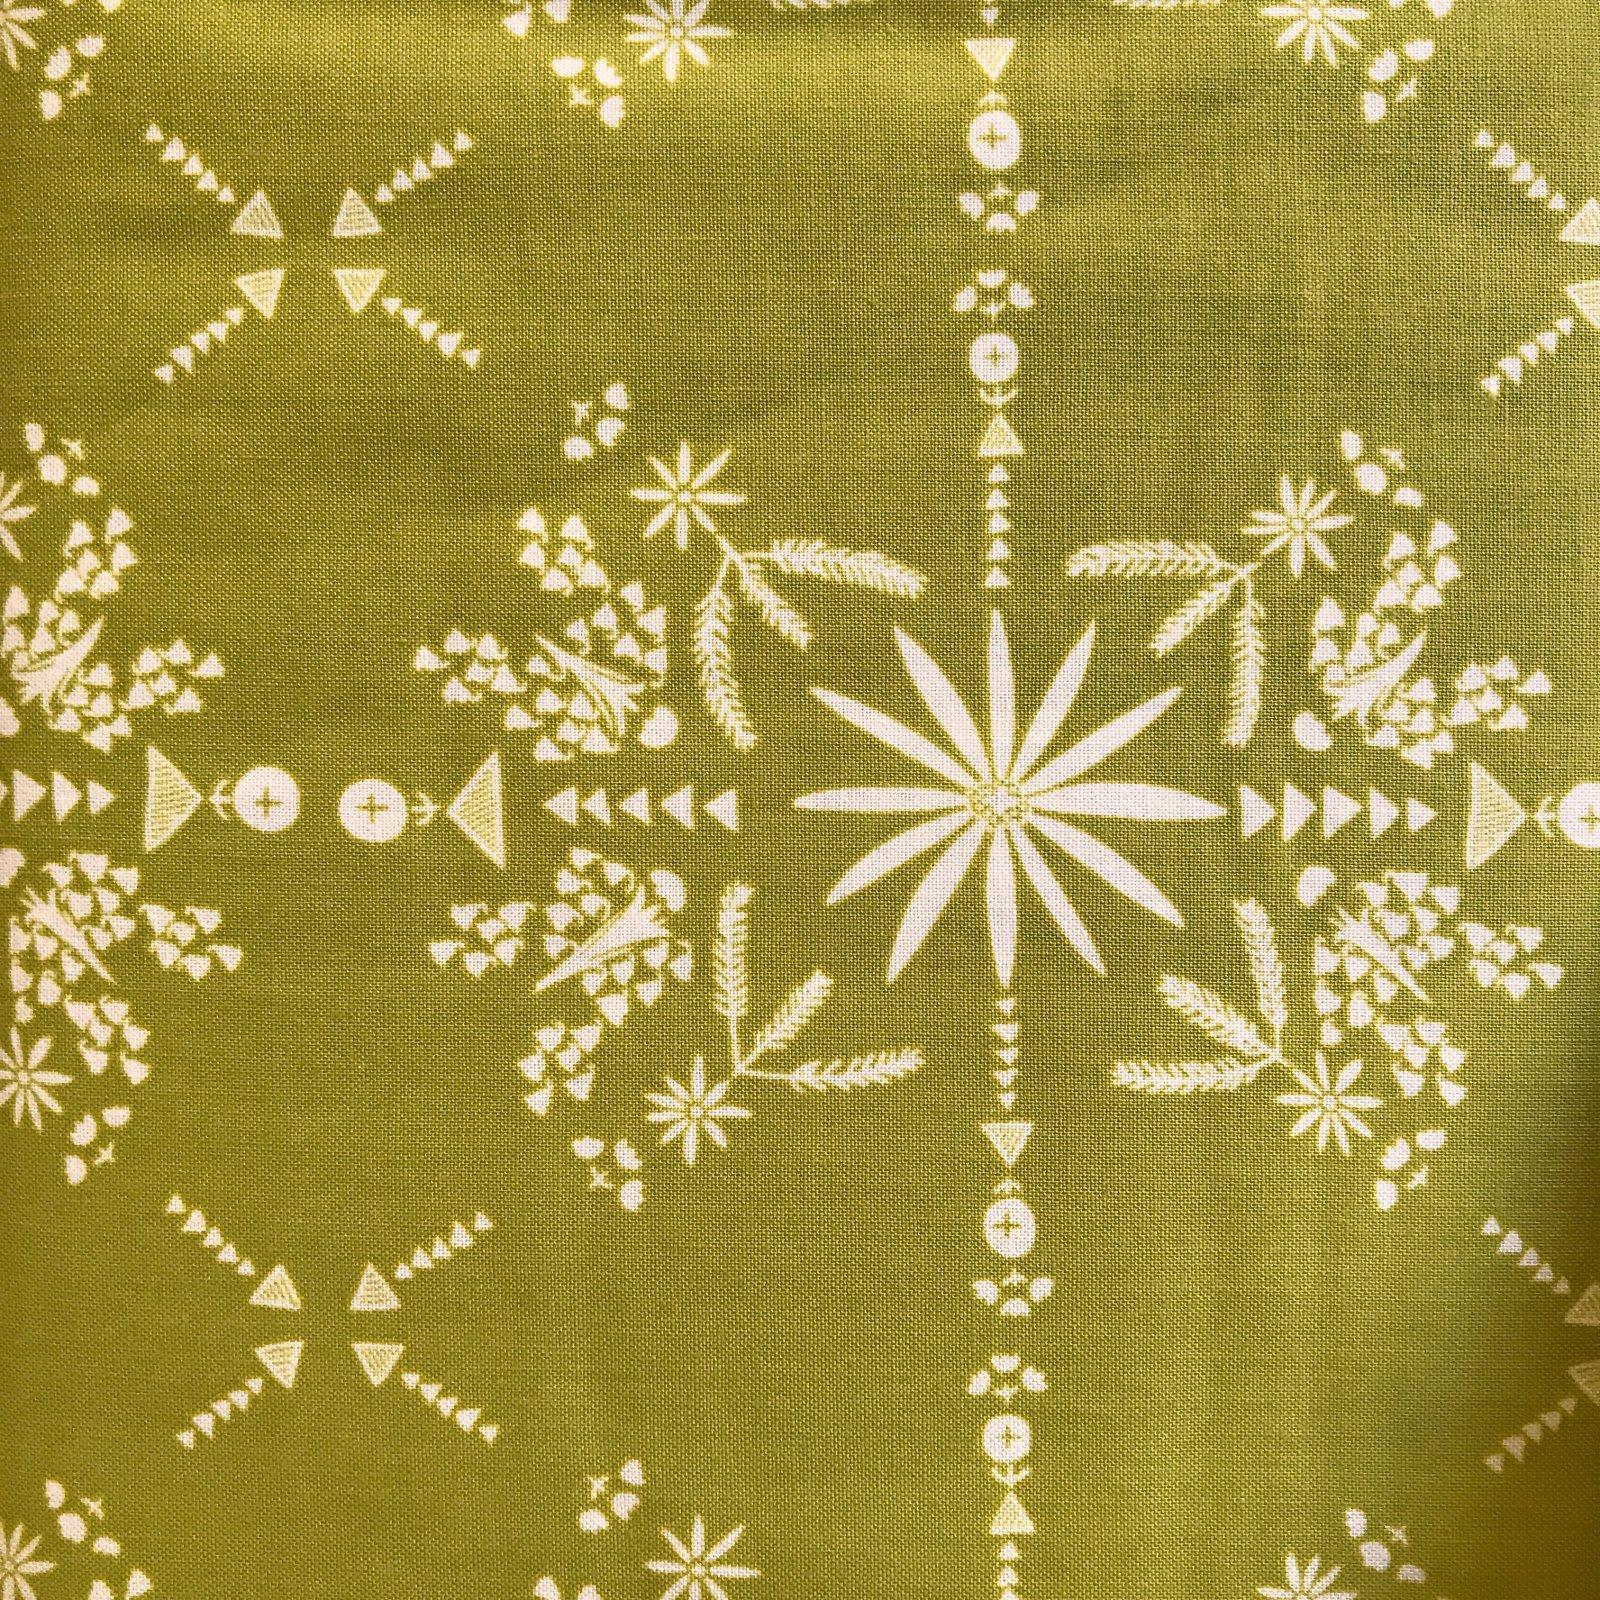 Bandana Grass, Paper Bandana